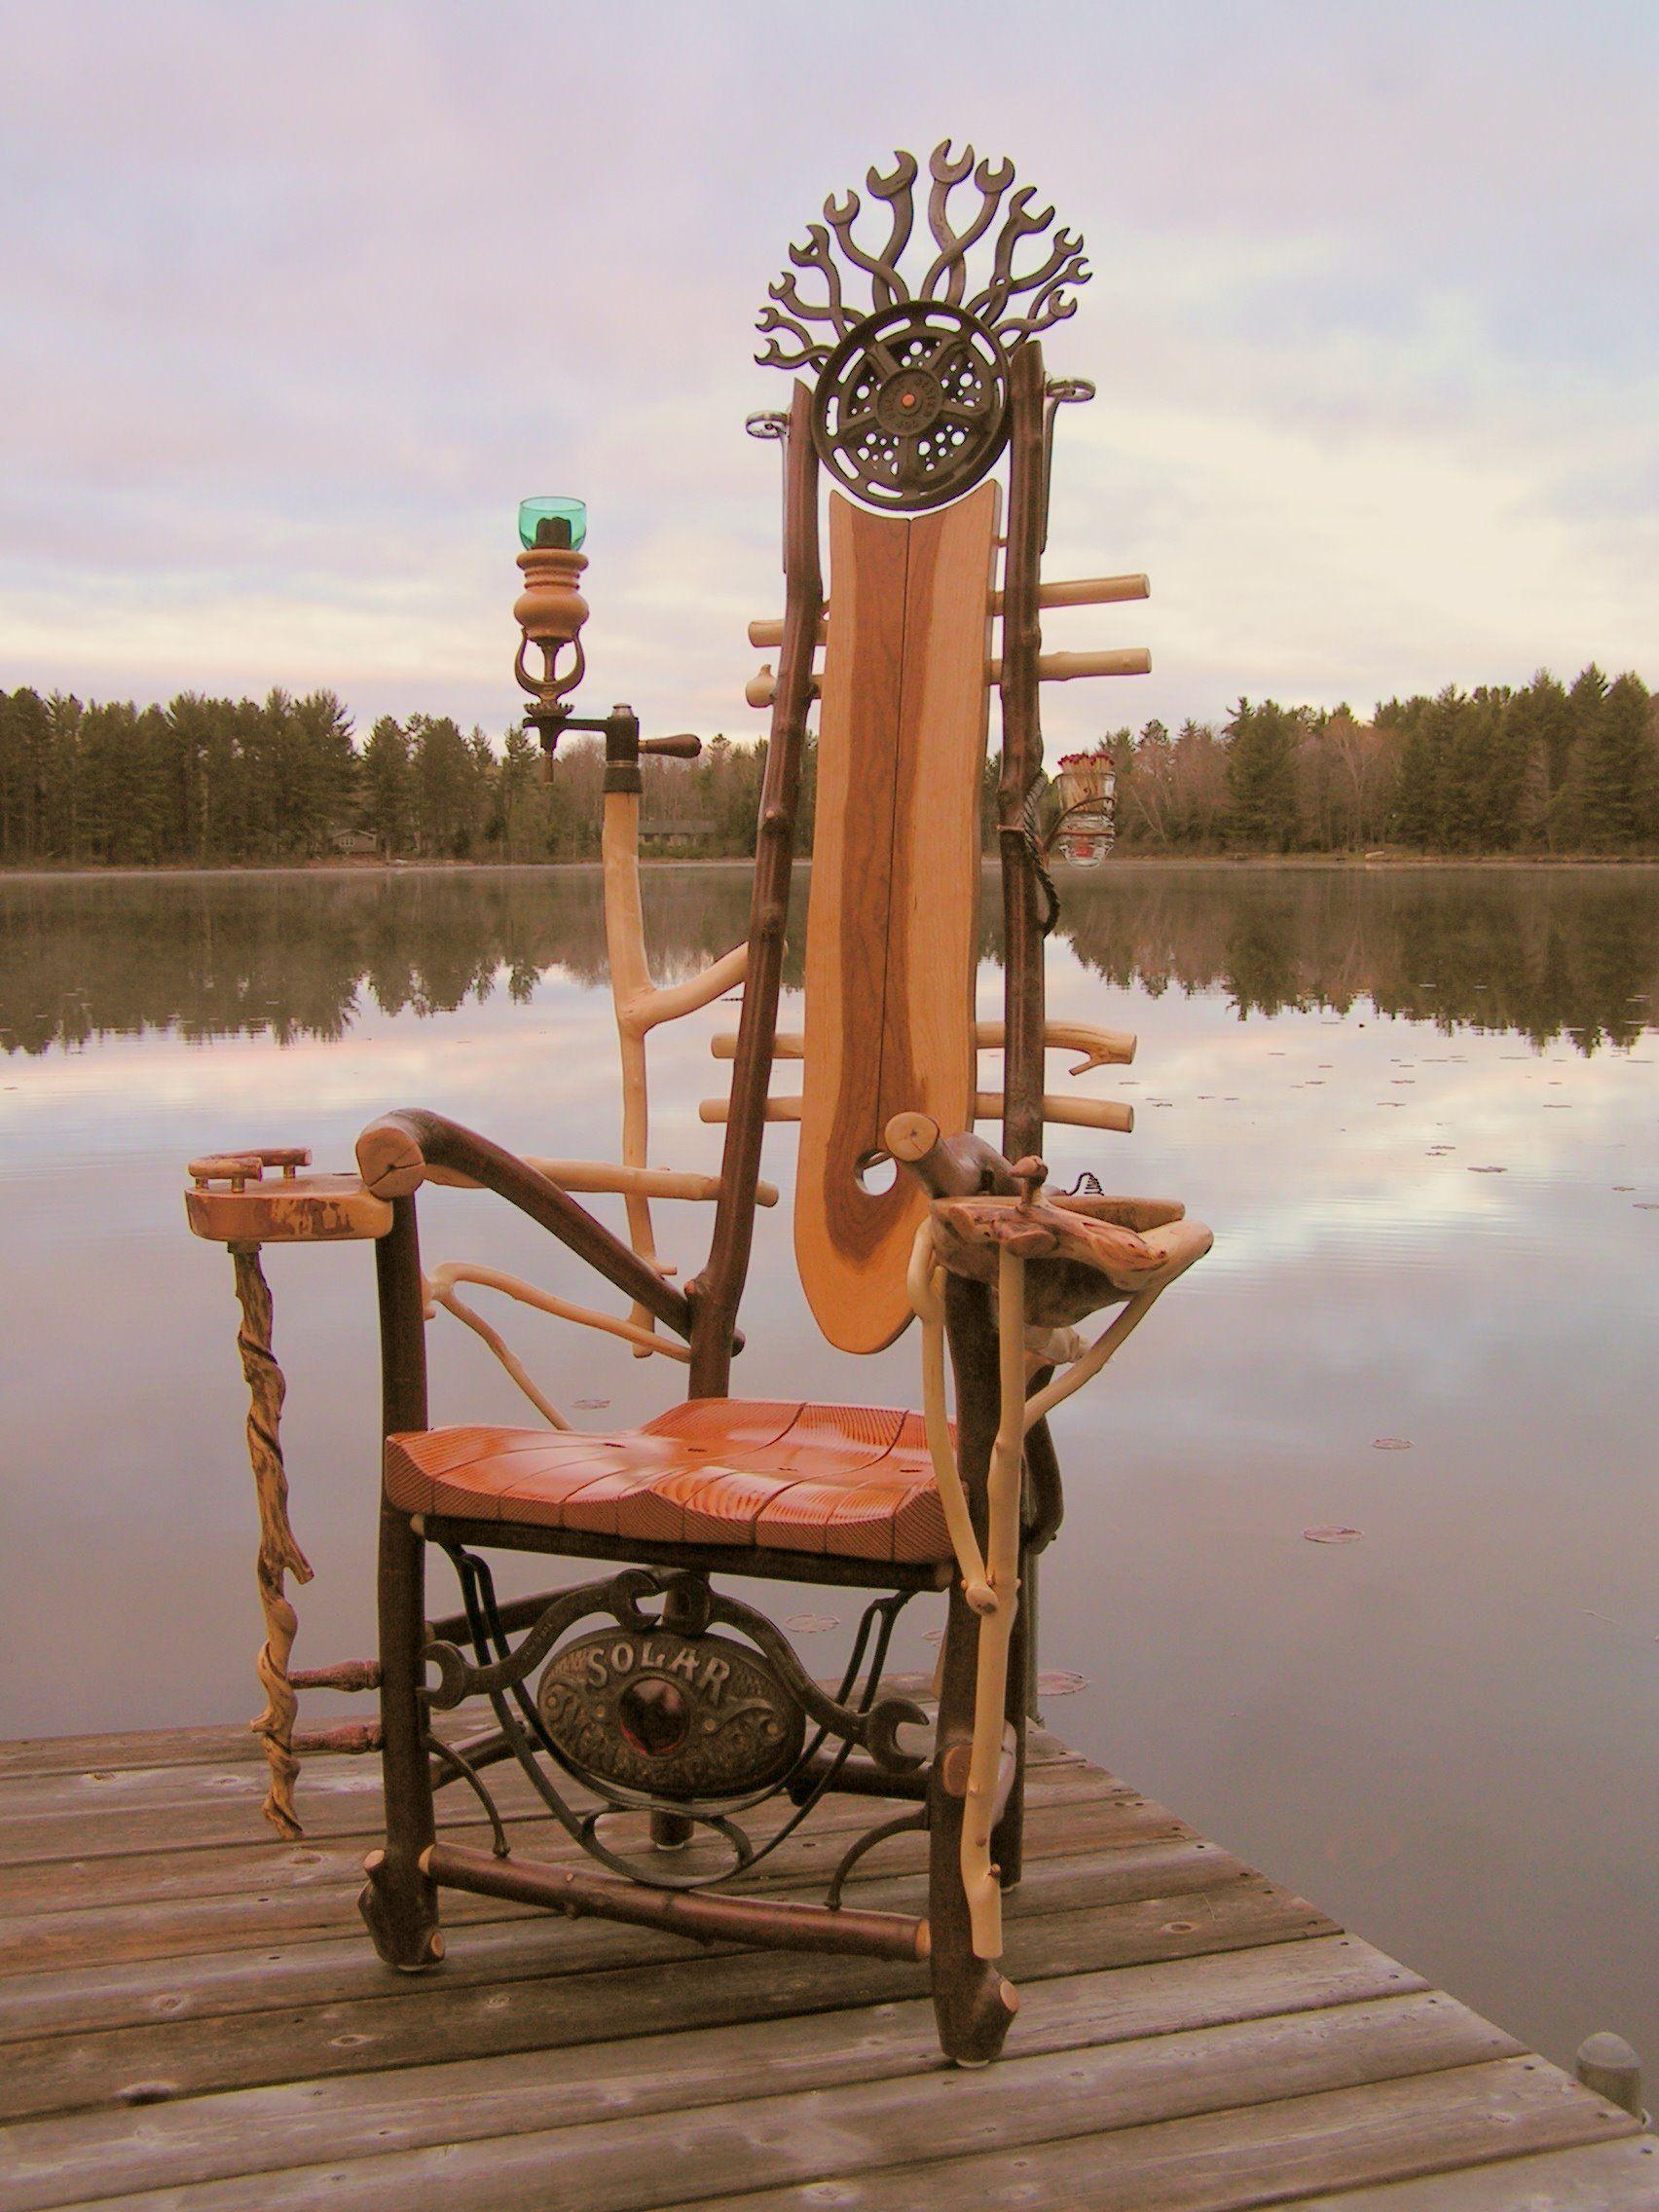 Sitedelux meubles originaux pinterest fauteuil chaise et chaise fauteuil - Chaise bois flotte ...